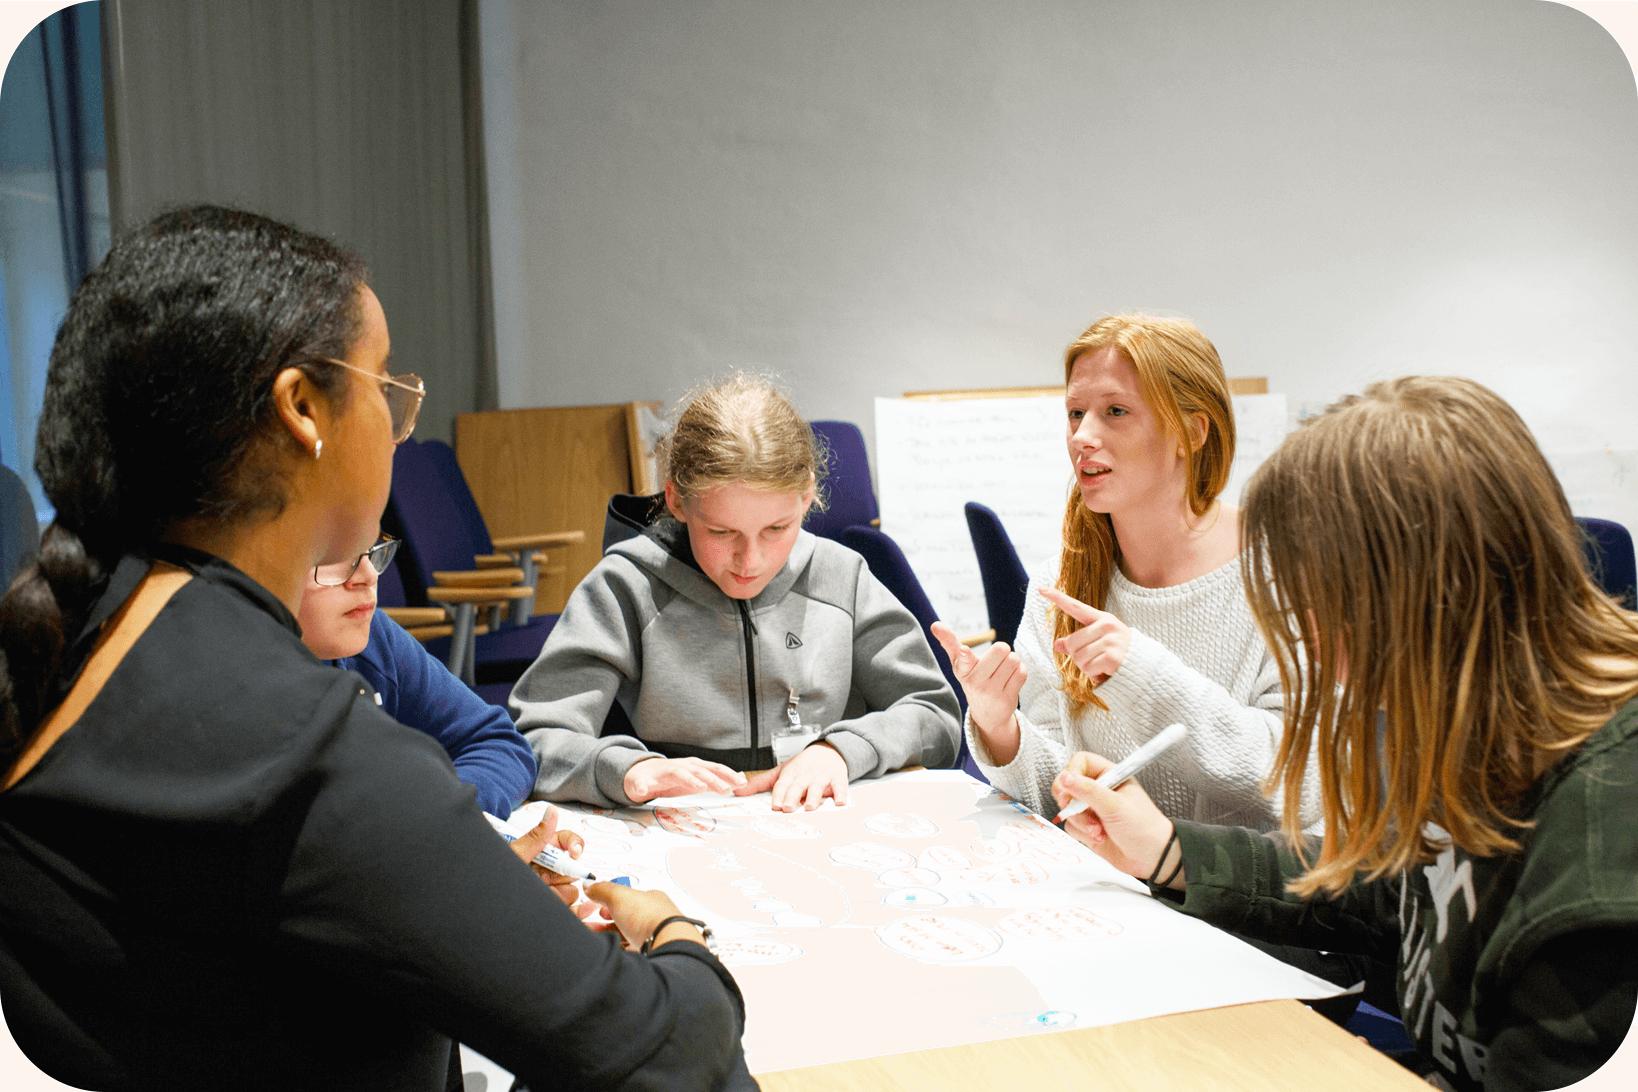 Les avantages du travail en groupe